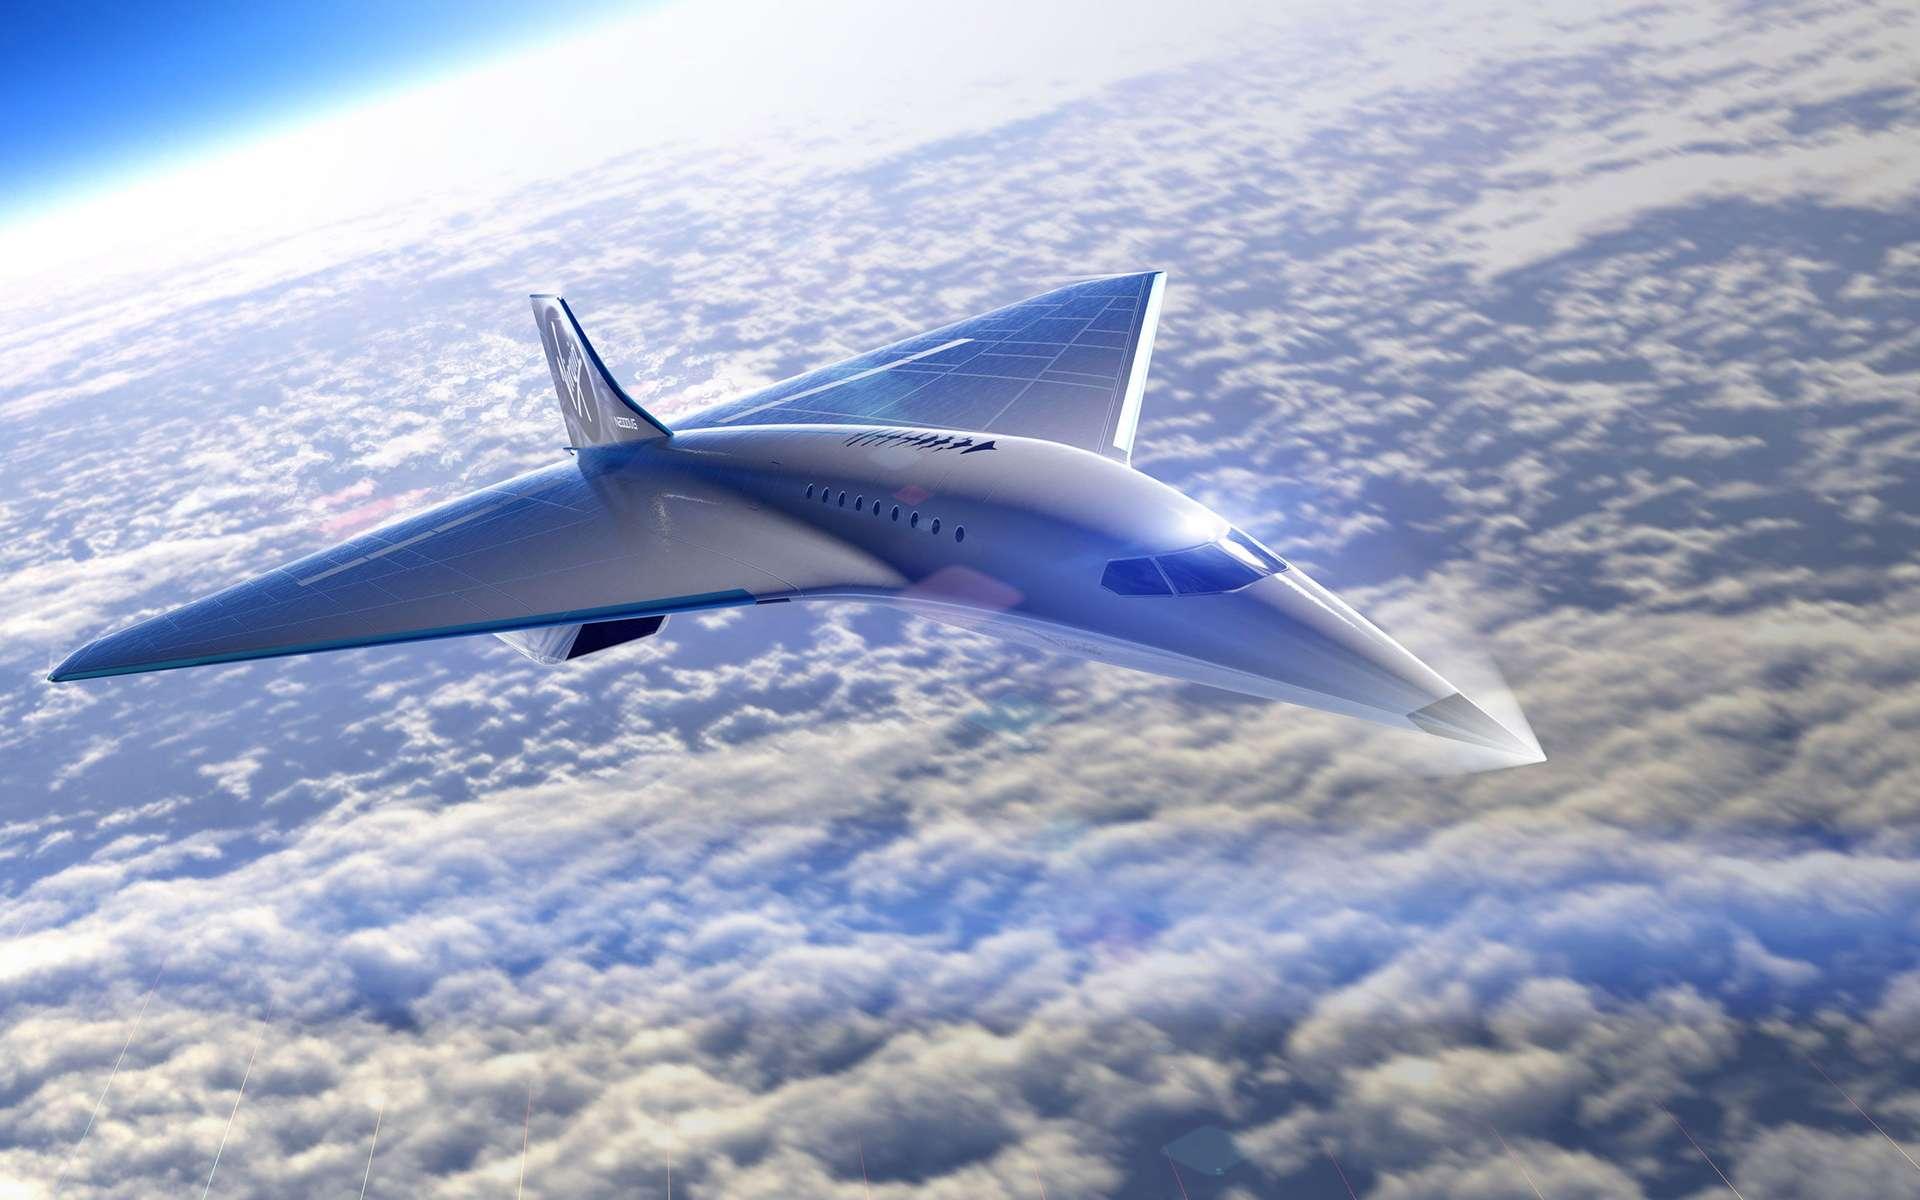 Vue d'artiste du projet préliminaire de l'avion supersonique, en forme d'aile delta de Virgin Galactic. © Virgin Galactic